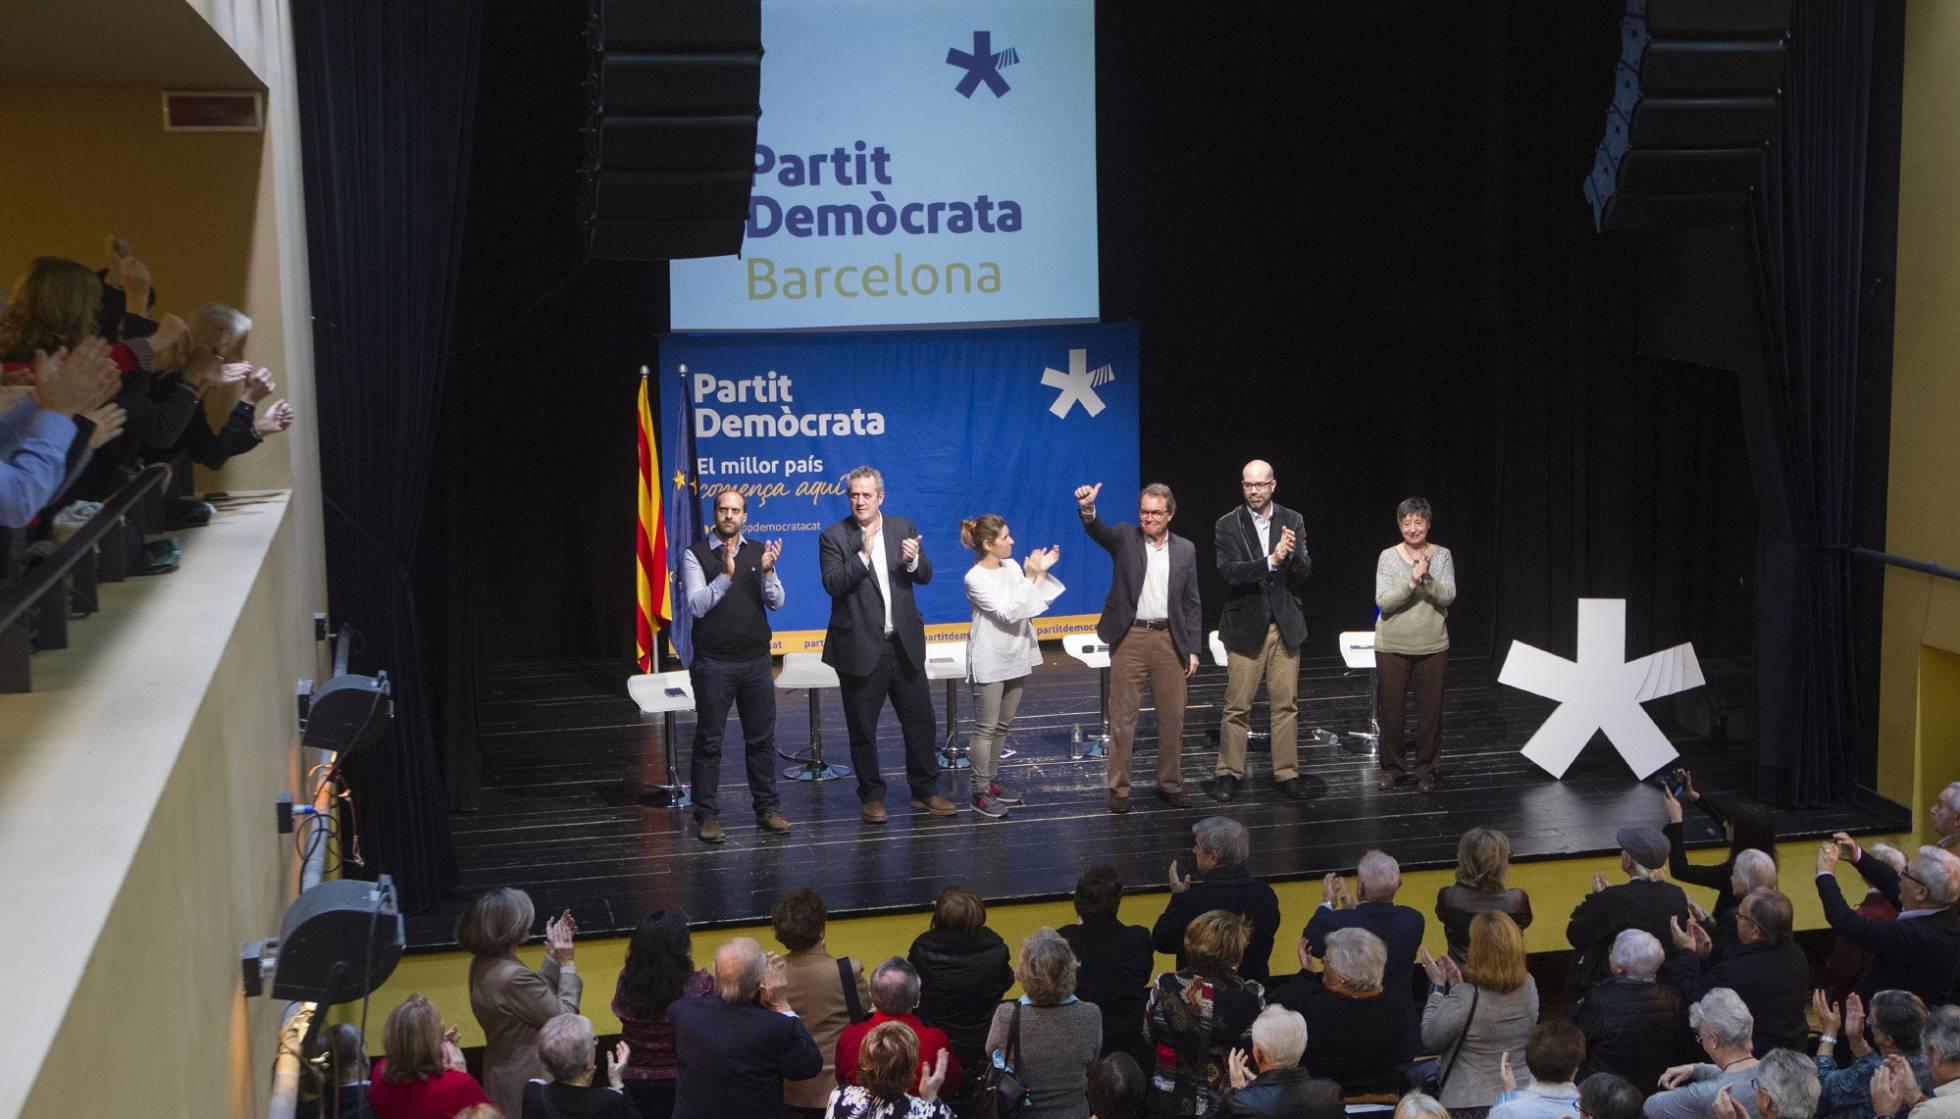 1487929066_181403_1488125583_noticia_normal_recorte1